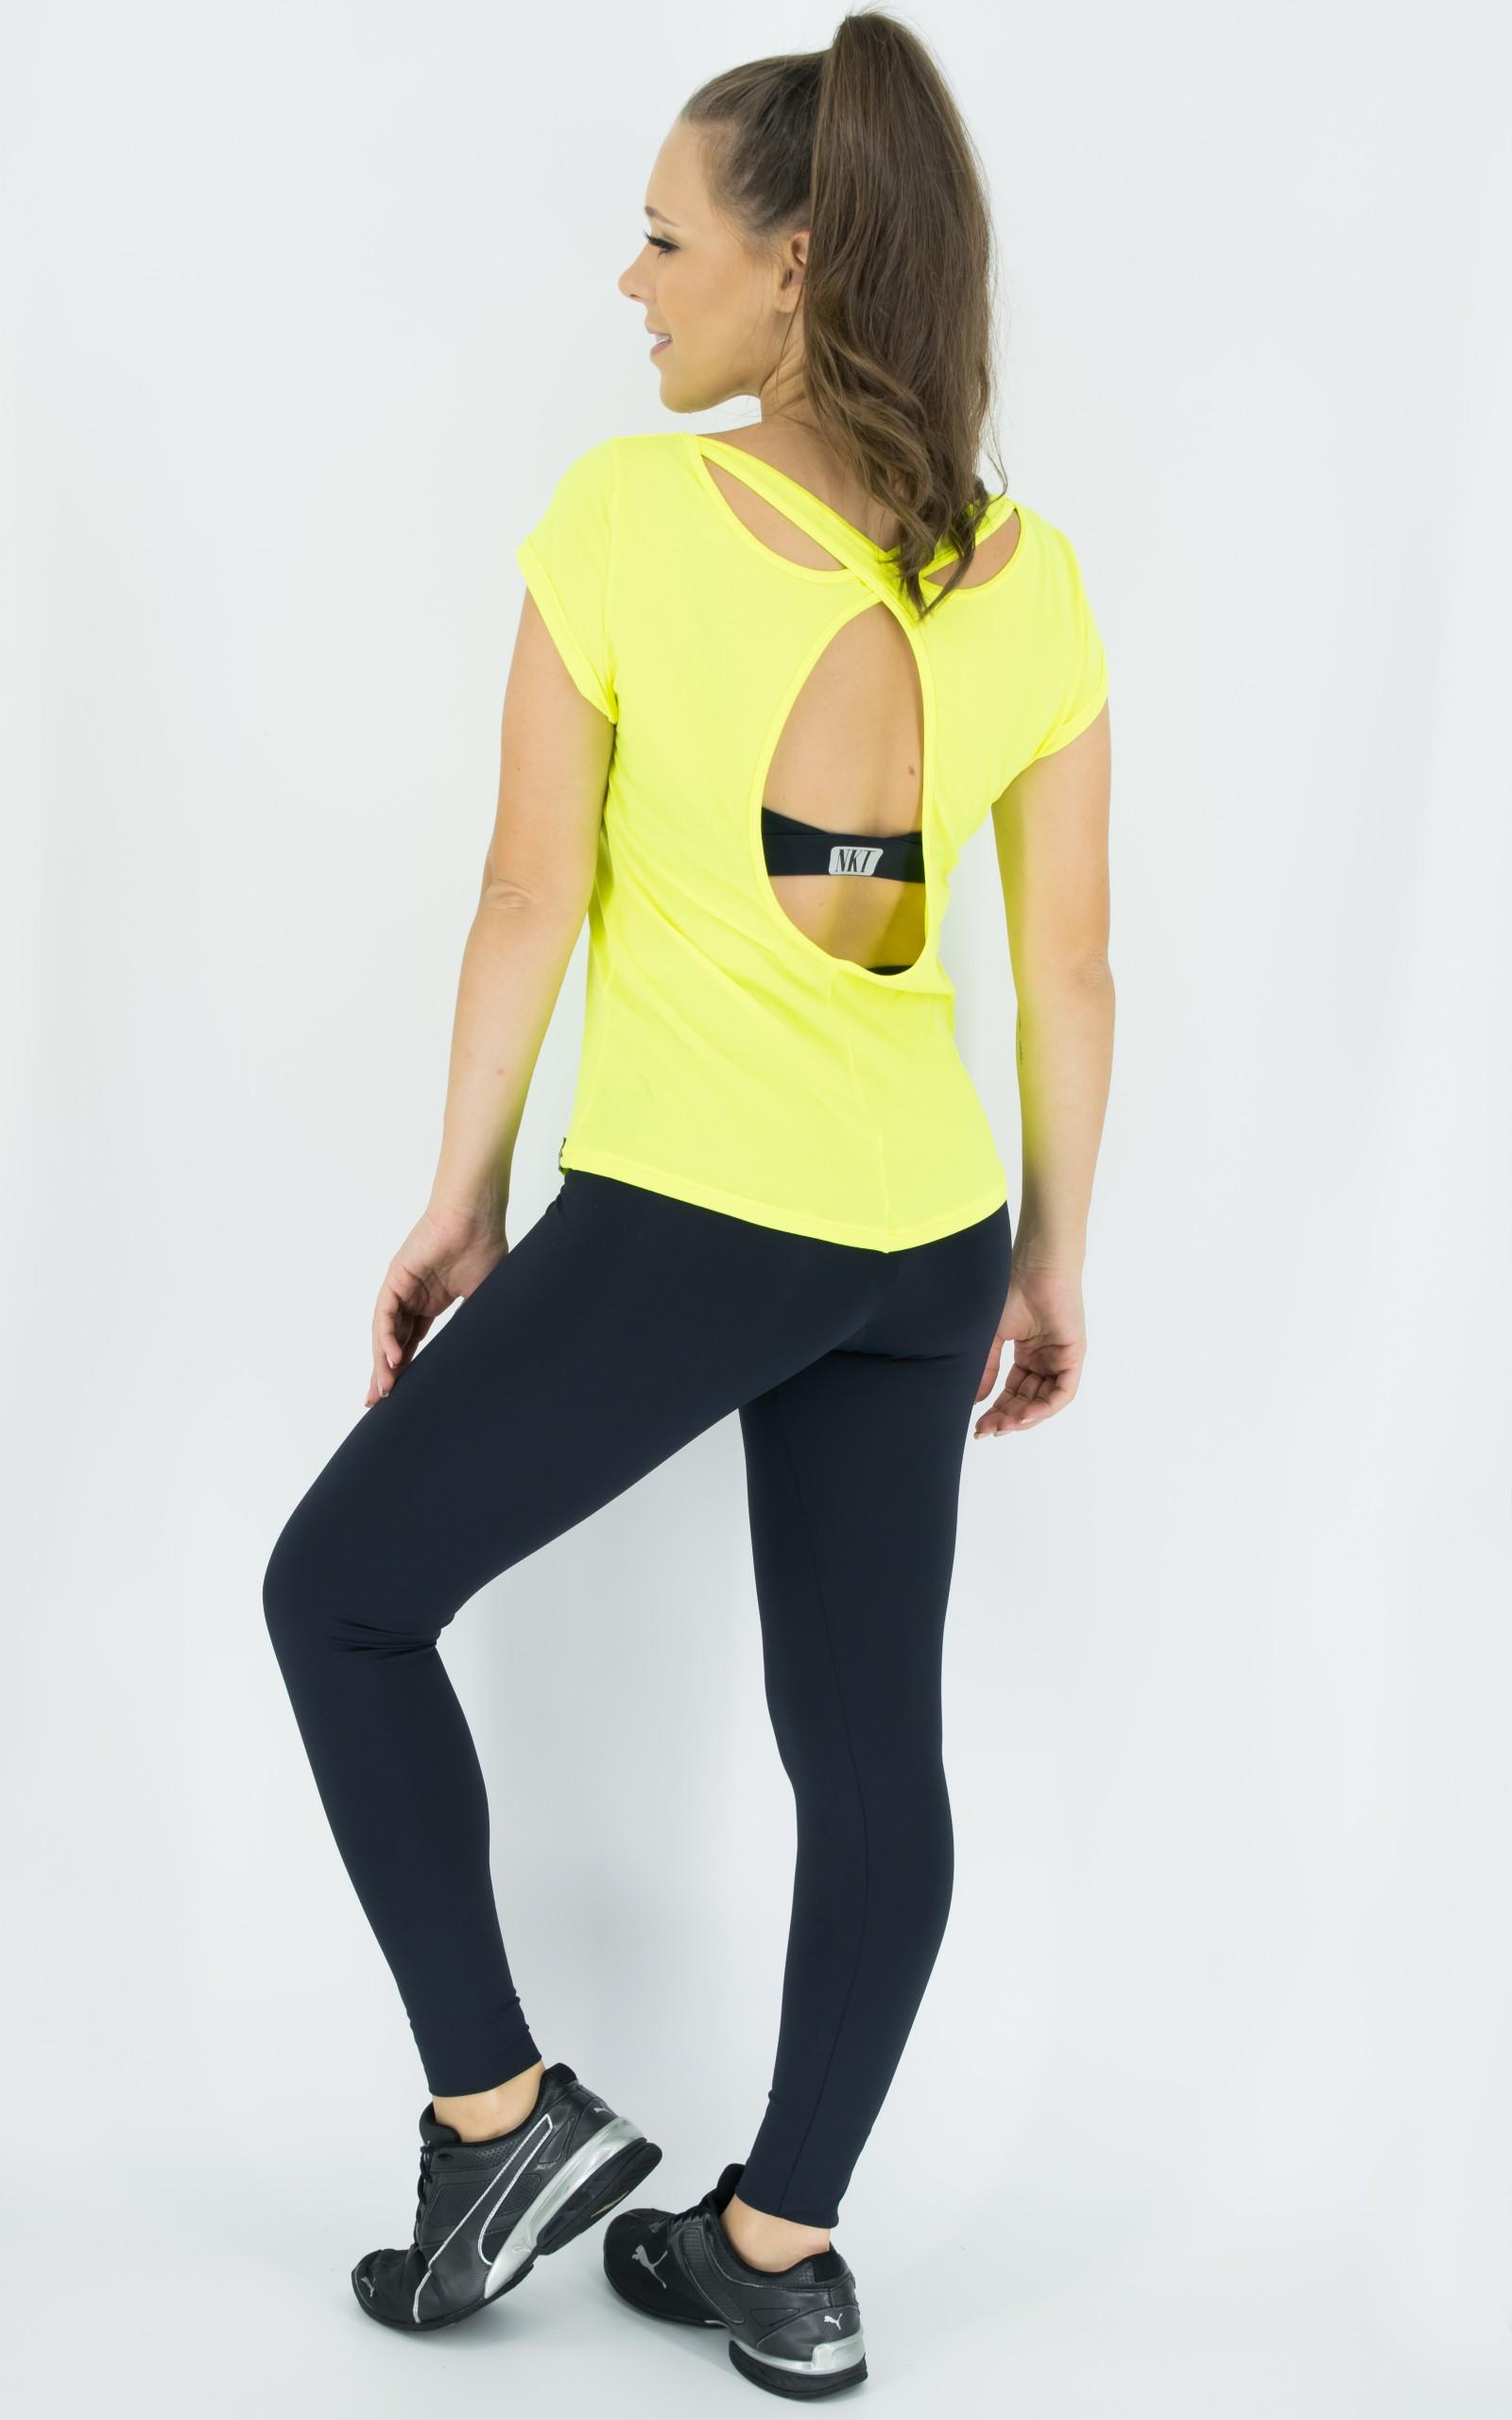 Blusa Special Neon, Coleção Move Your Body - NKT Fitwear Moda Fitness